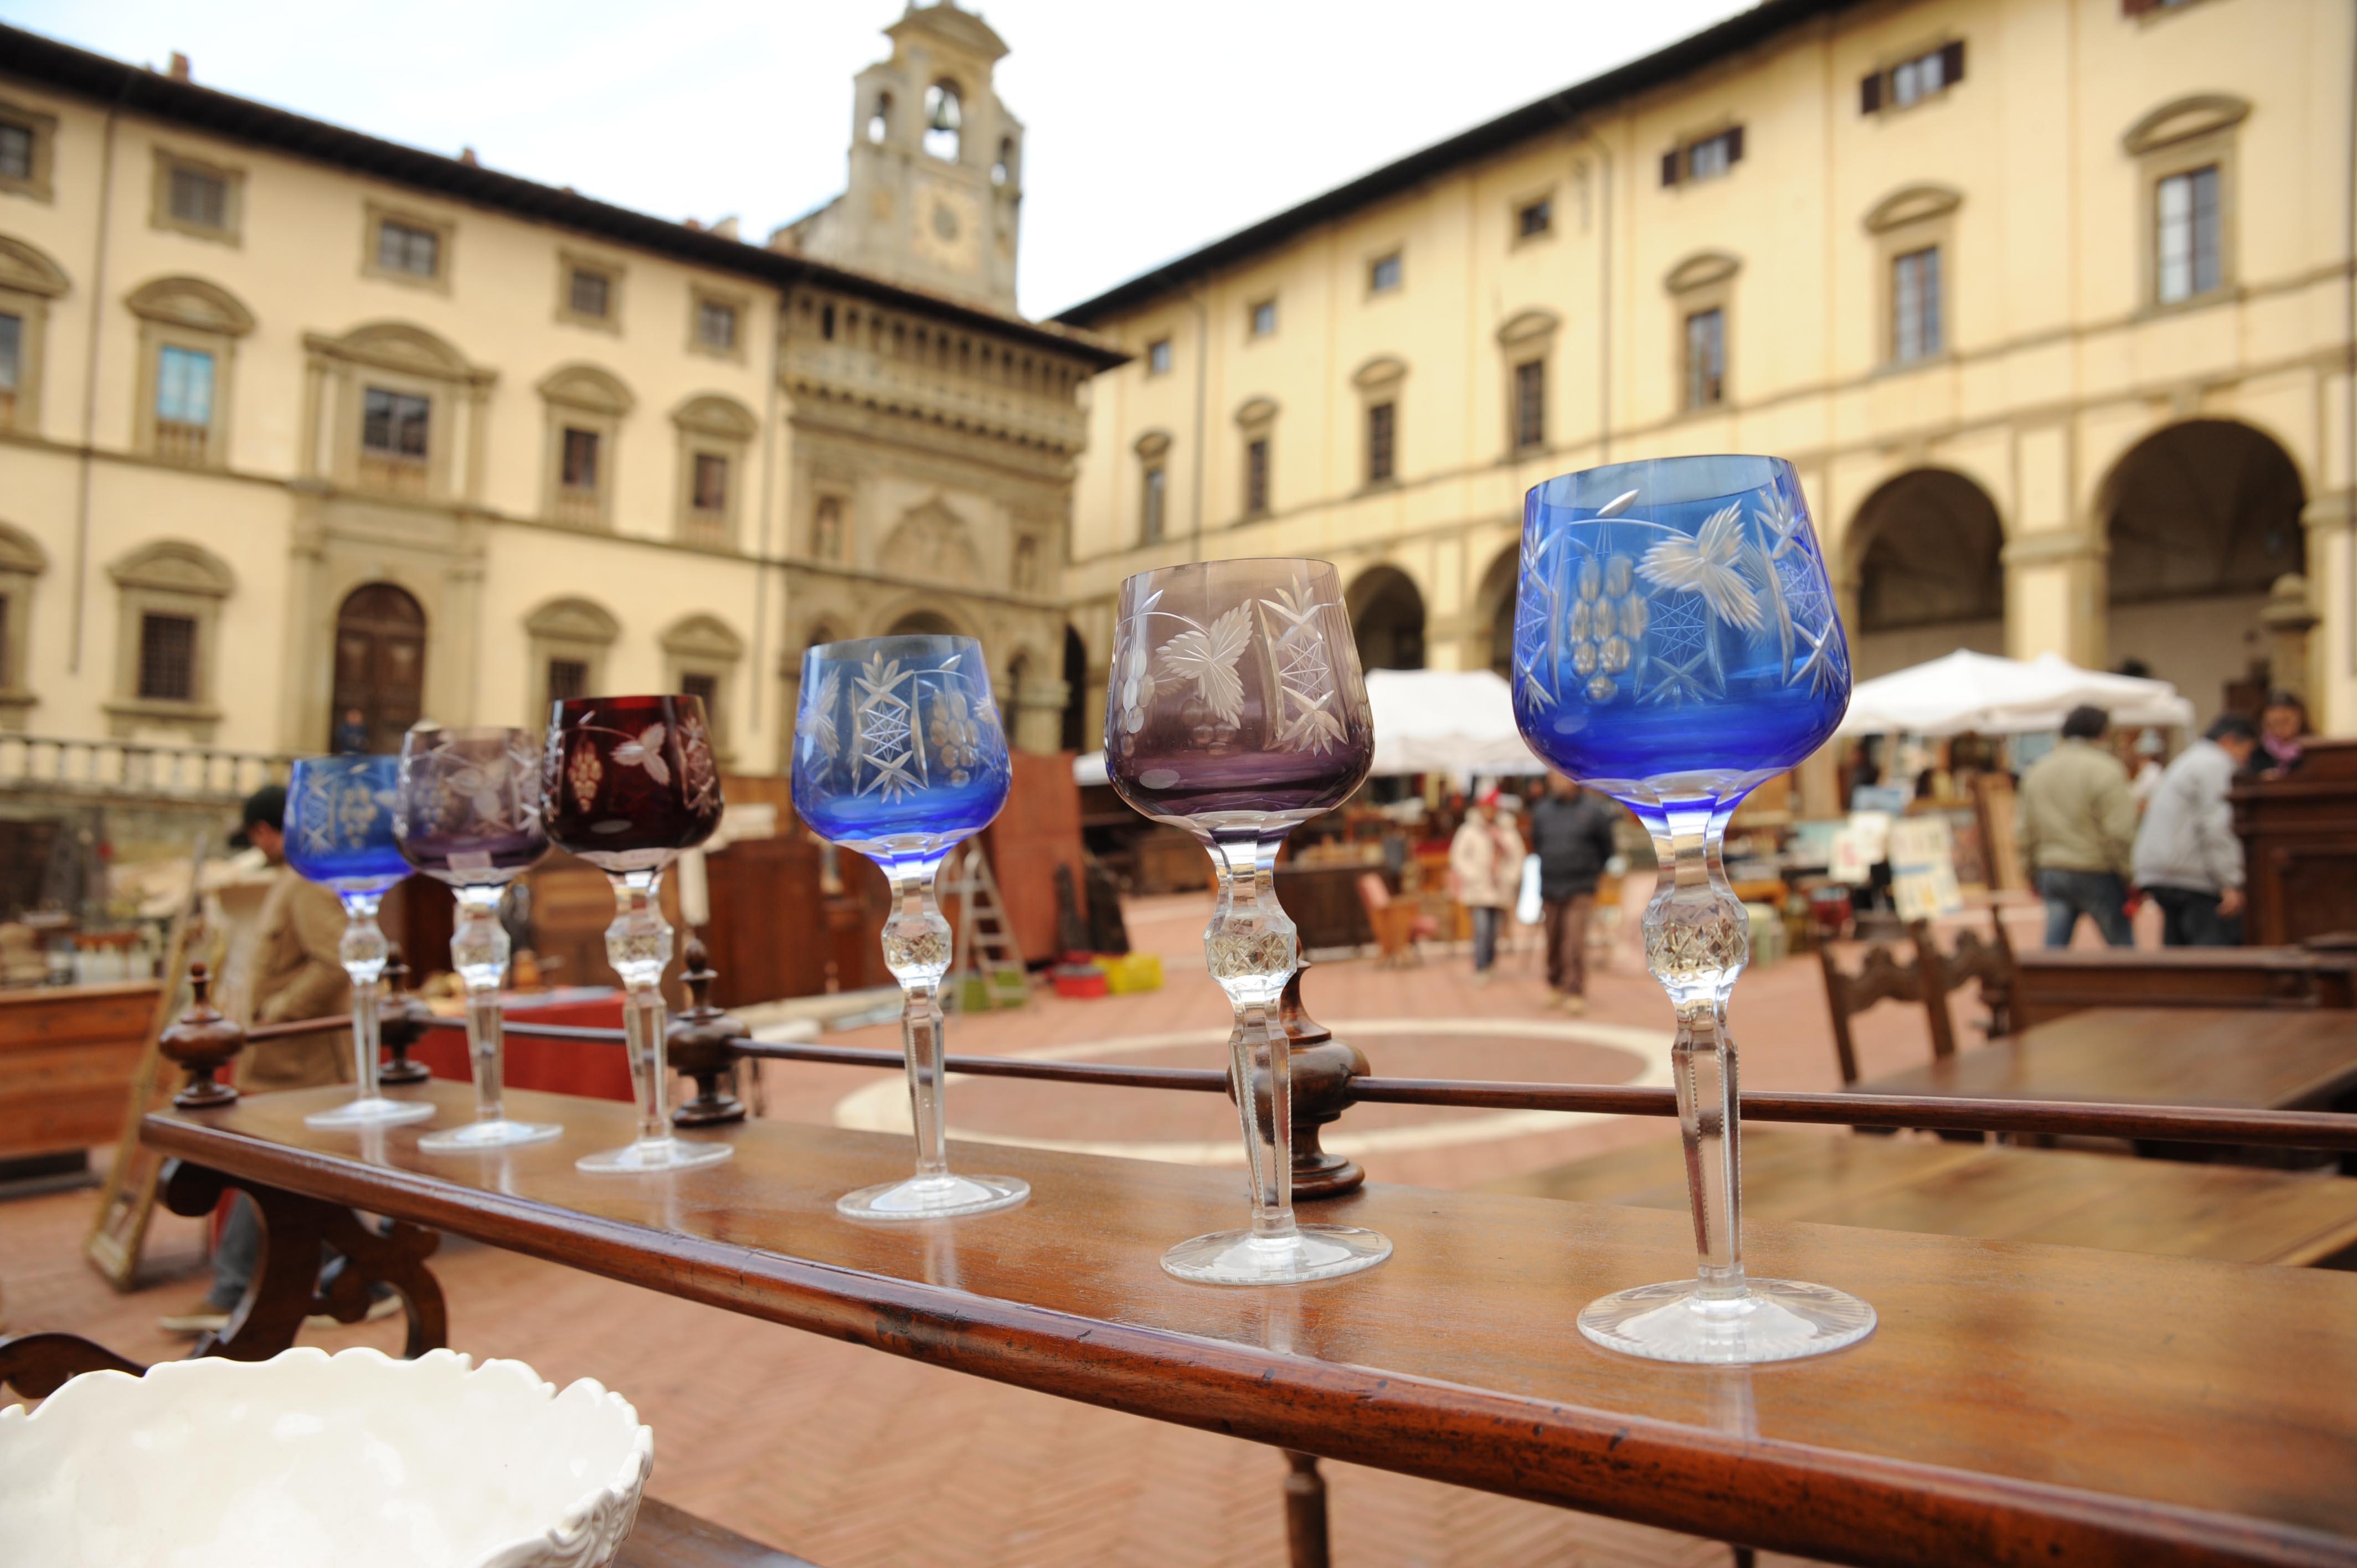 Ad arezzo l antiquariato incontra il 68 foto tgcom24 for Arezzo antiquariato